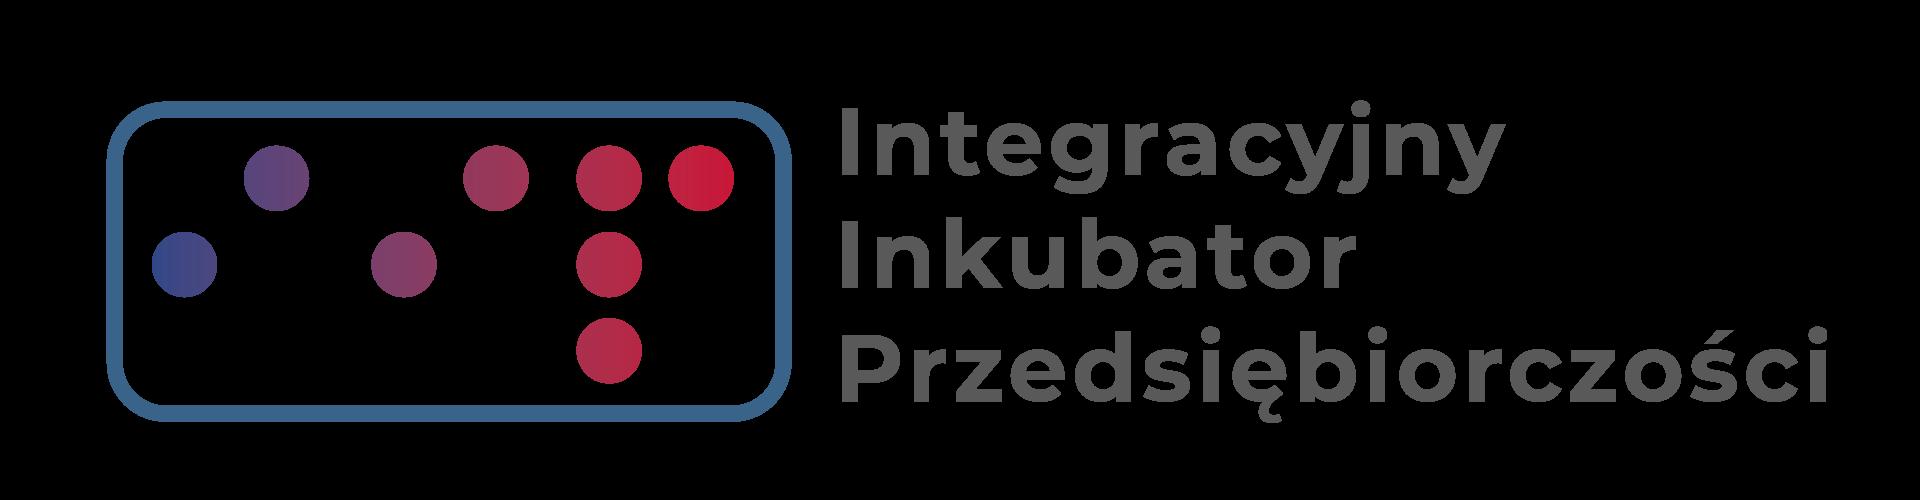 Integracyjny Inkubator Przedsiębiorczości